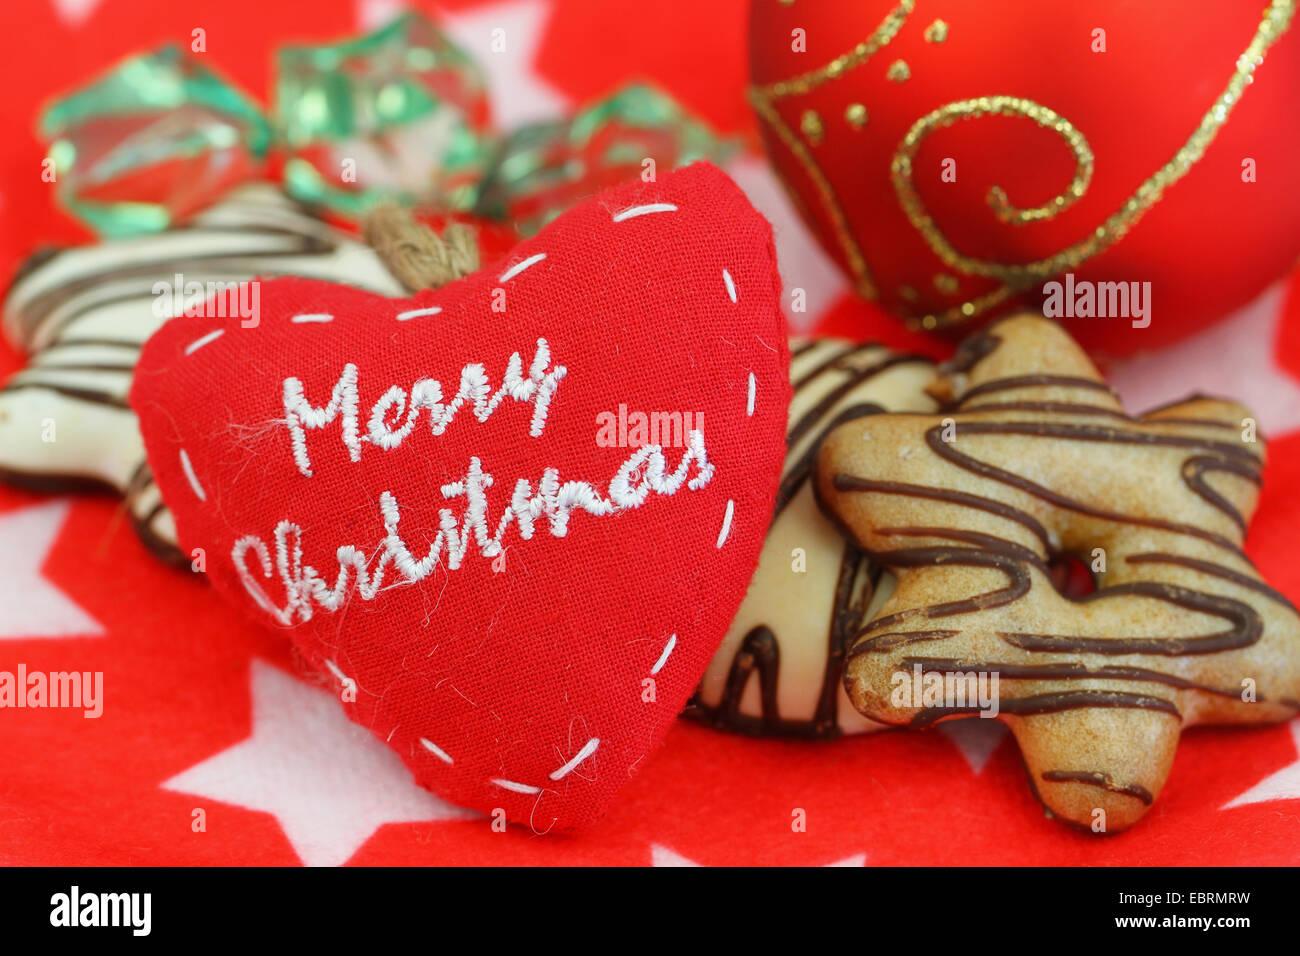 Merry Christmas On Canvas Heart Stock Photos & Merry Christmas On ...